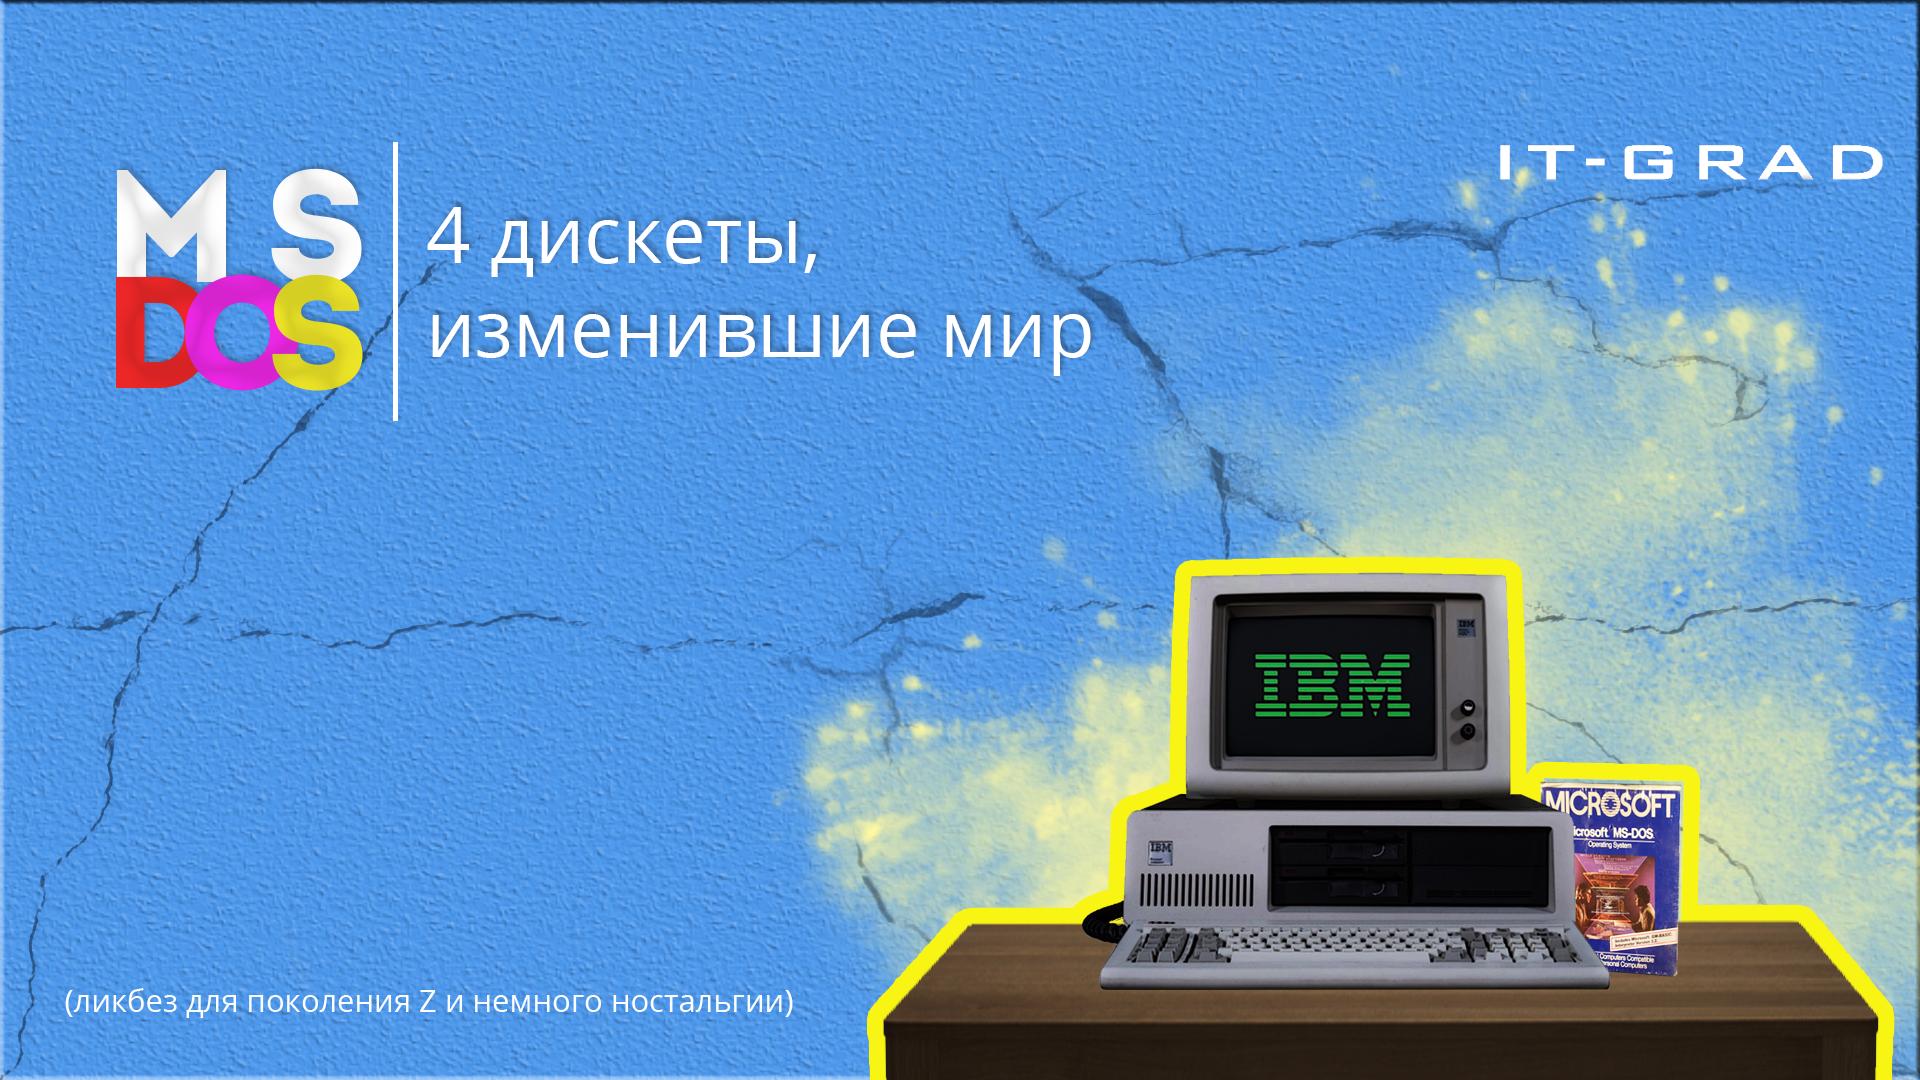 Через тернии к DOS'у: четыре дискеты, изменившие мир